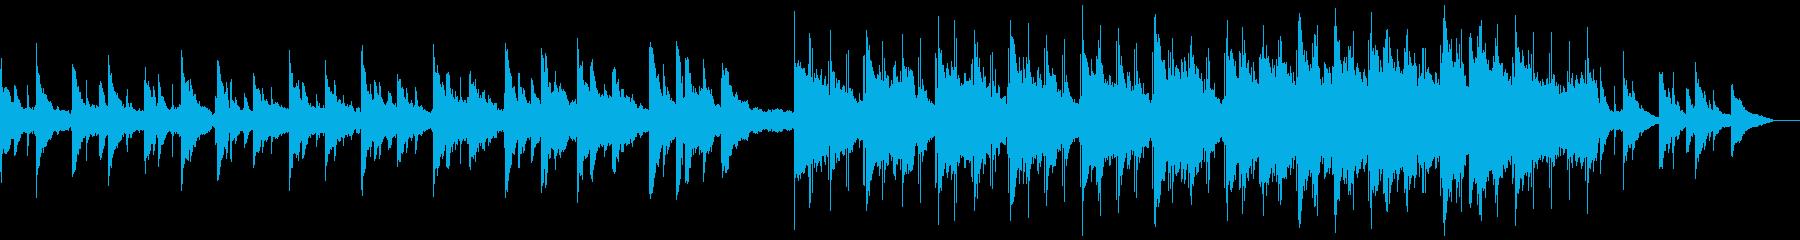 現代の交響曲 クラシック交響曲 ア...の再生済みの波形